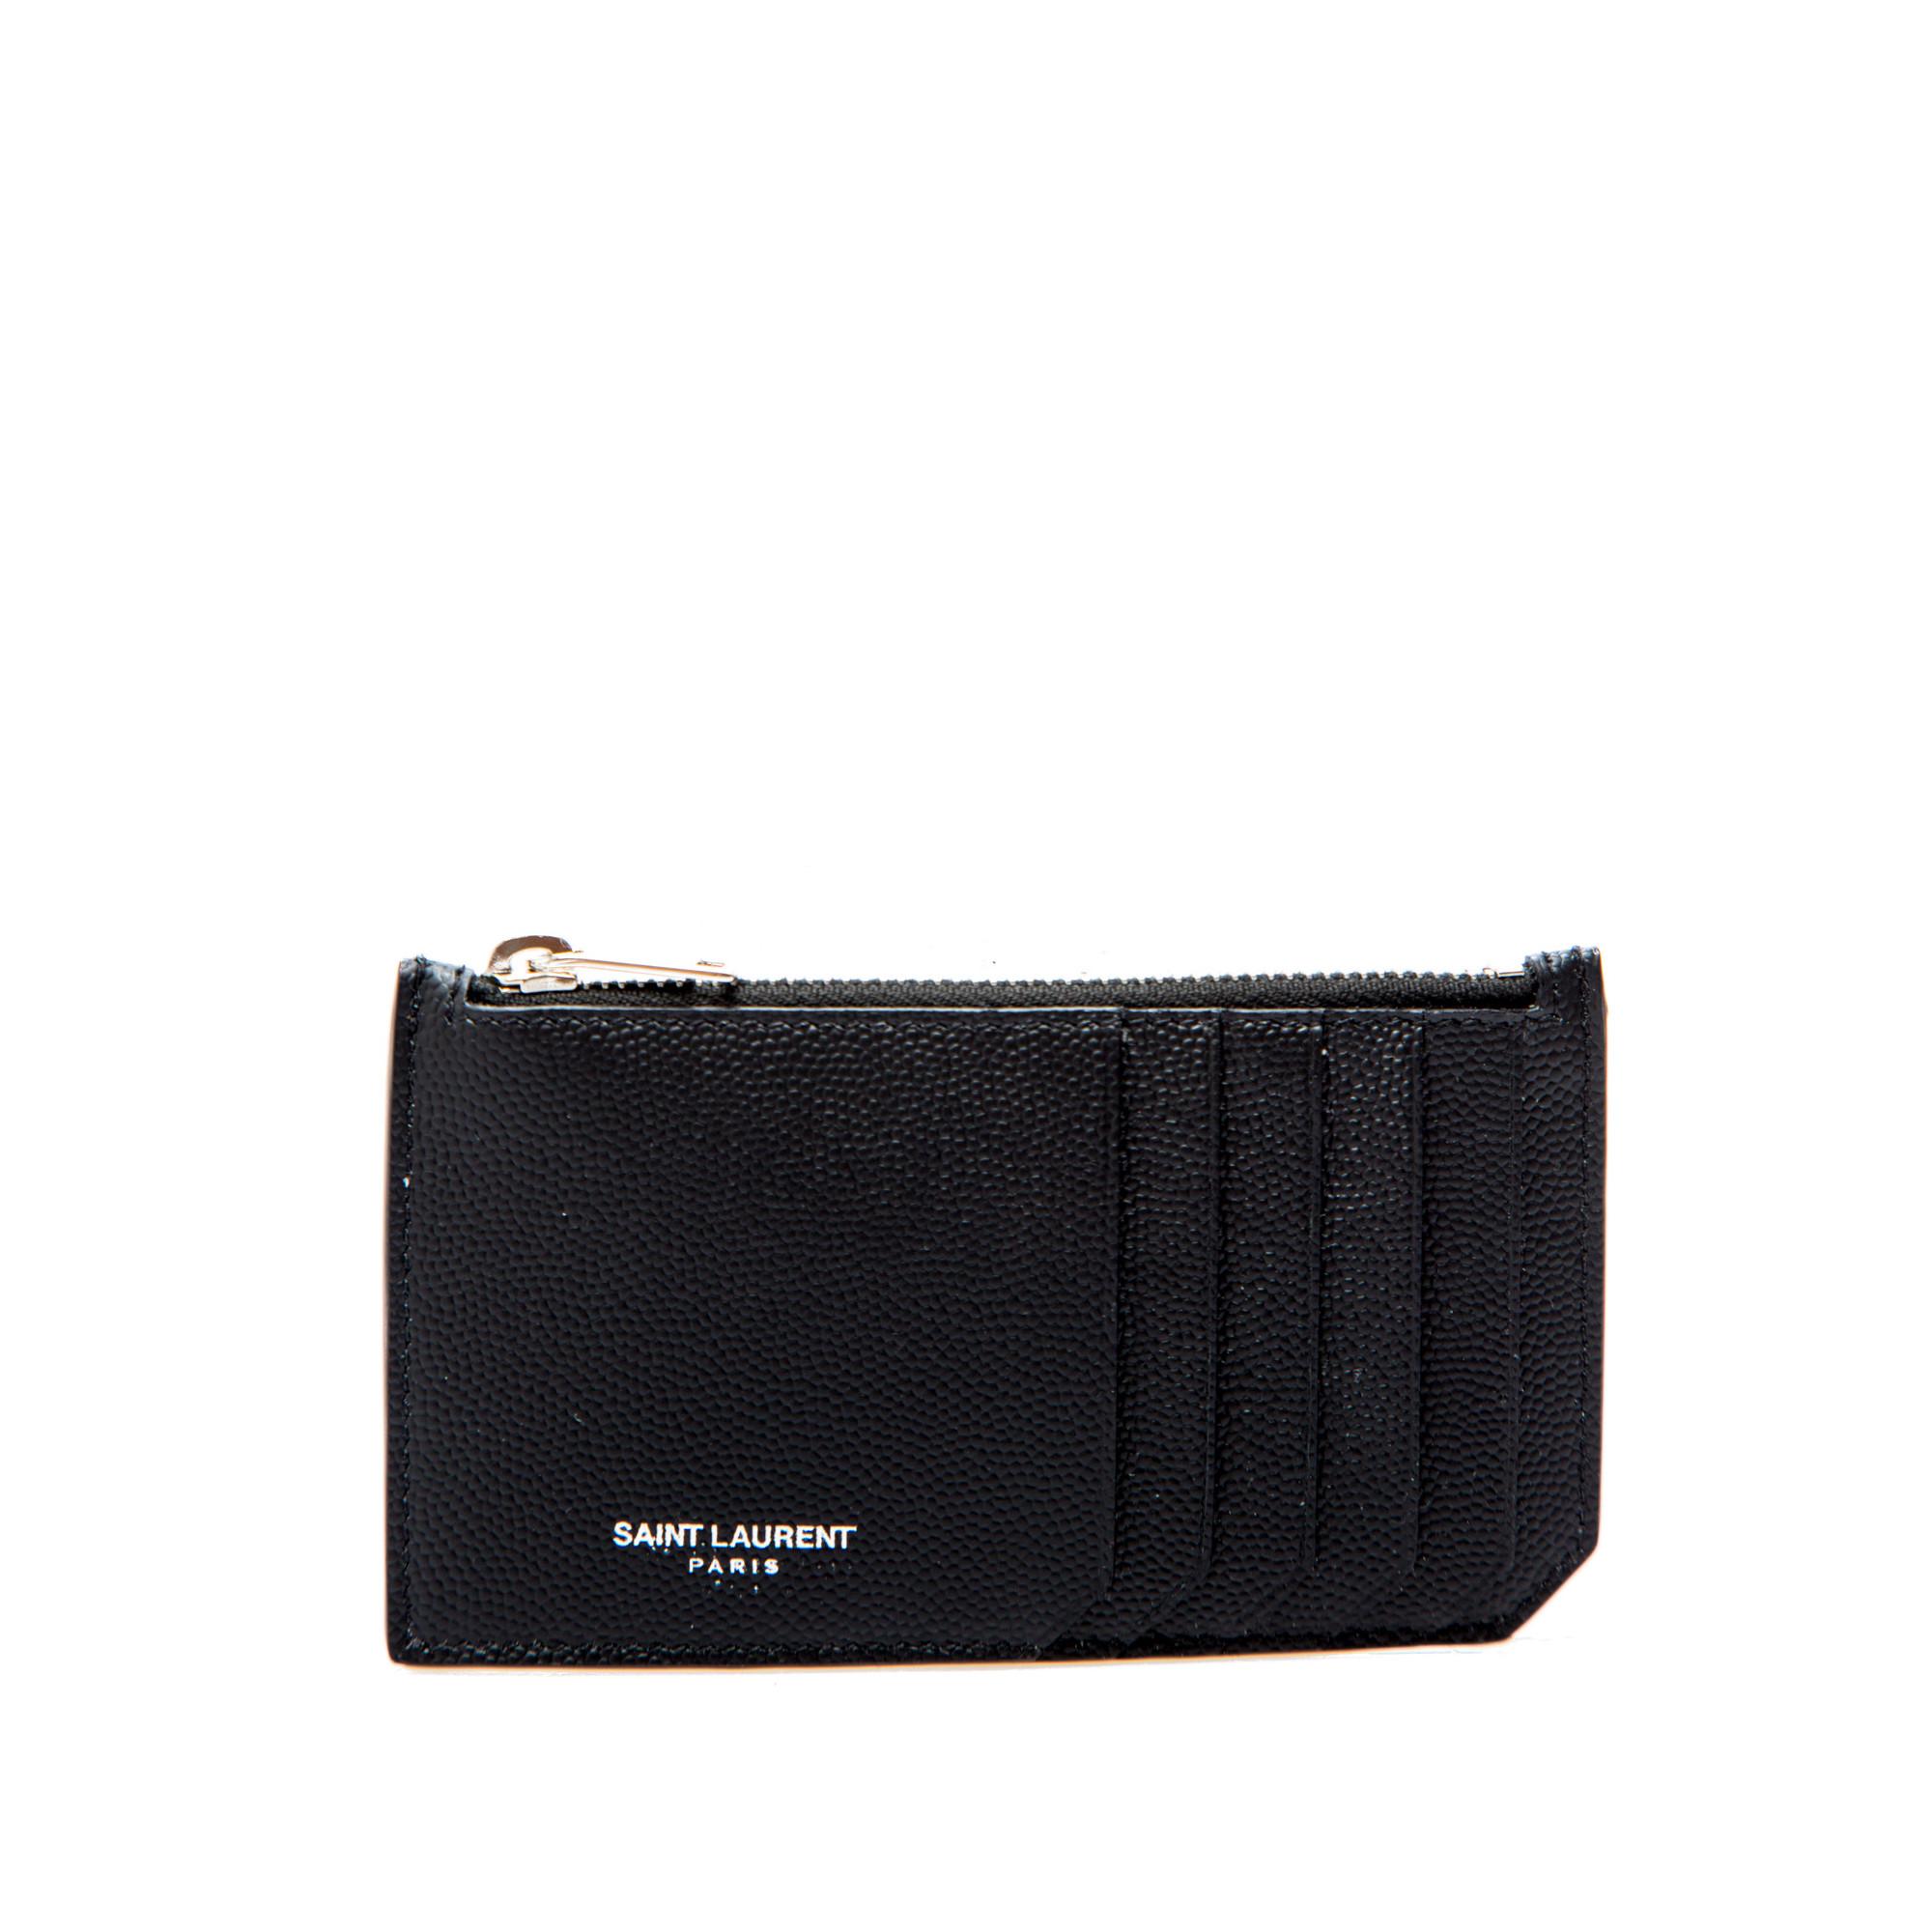 86617156 Saint Laurent Ysl Credit Card Holder 132 Black   Derodeloper.com